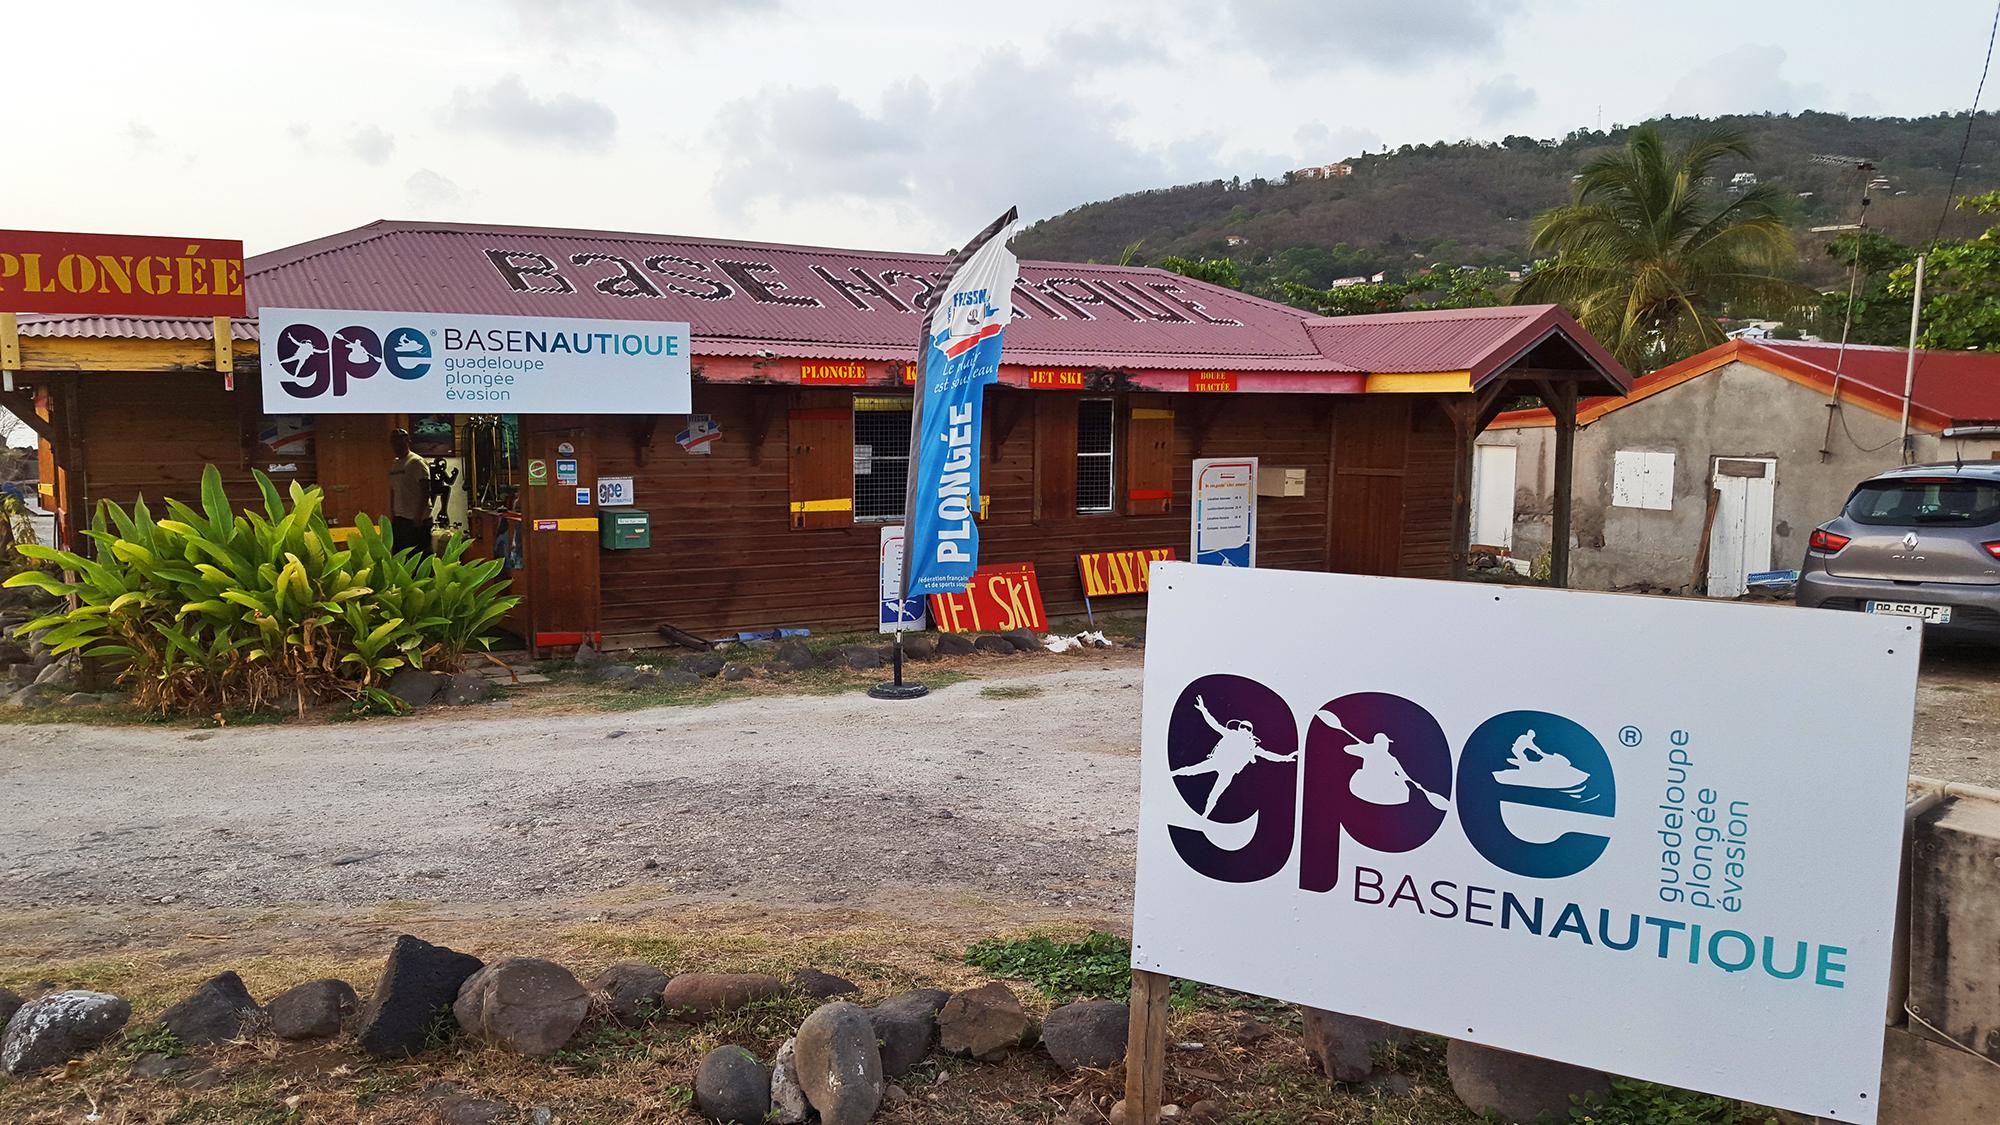 Base Nautique GPE Guadeloupe Plongée Évasion à Bouillante